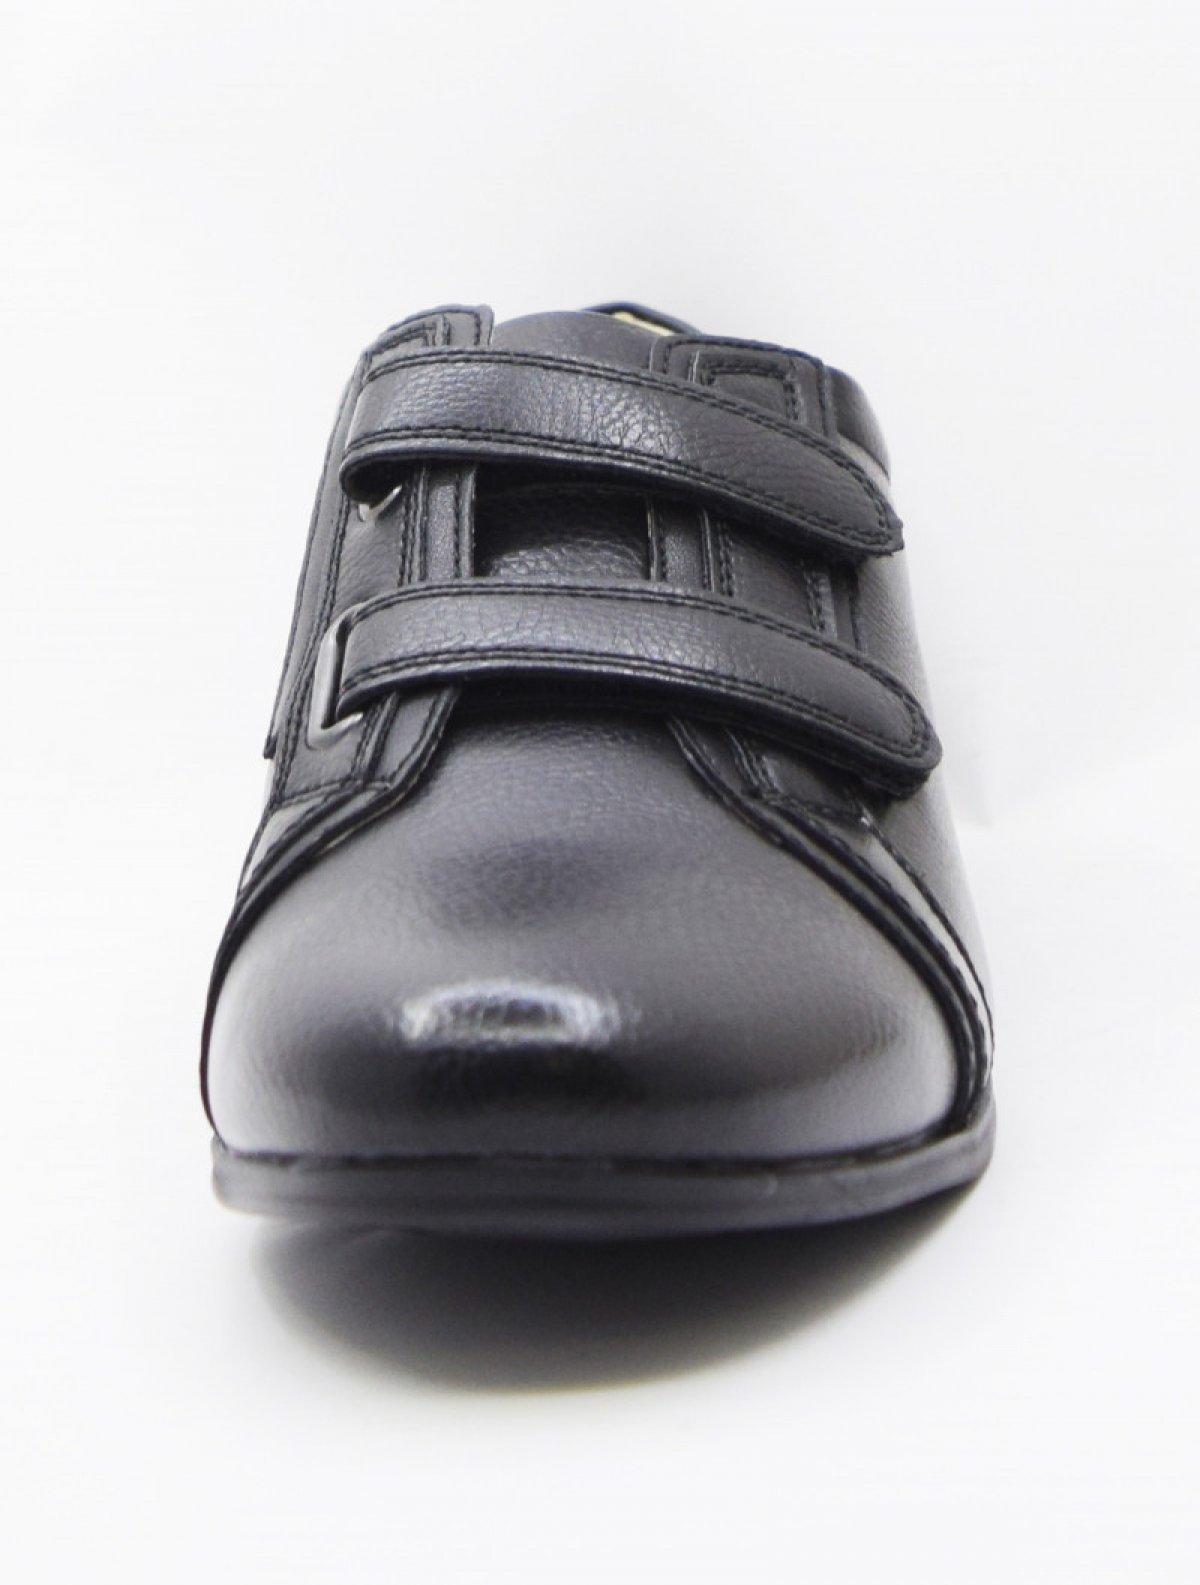 Сказка D14992 туфли д/мальчика